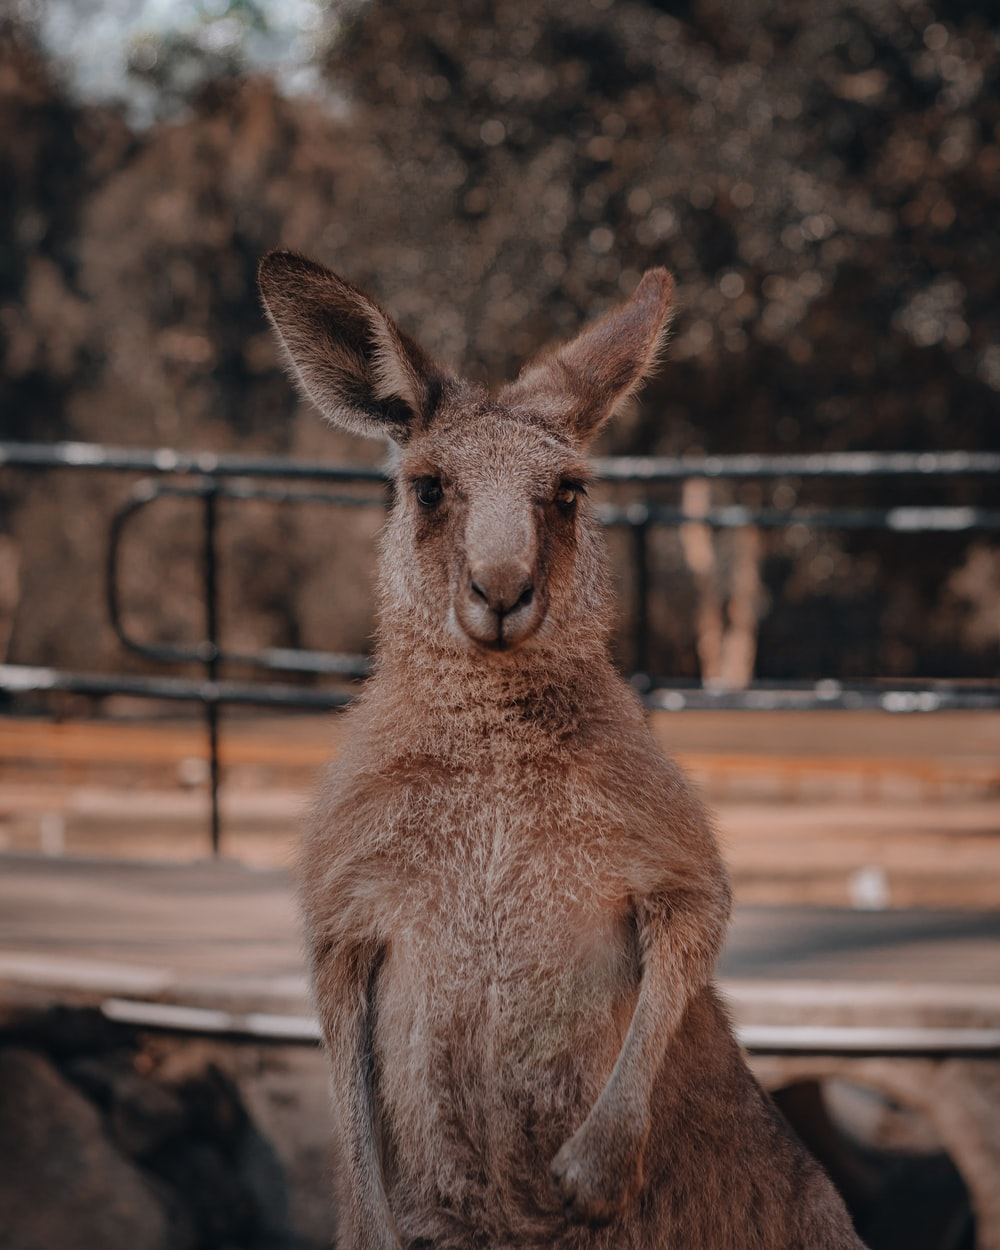 brown kangaroo standing on brown field during daytime